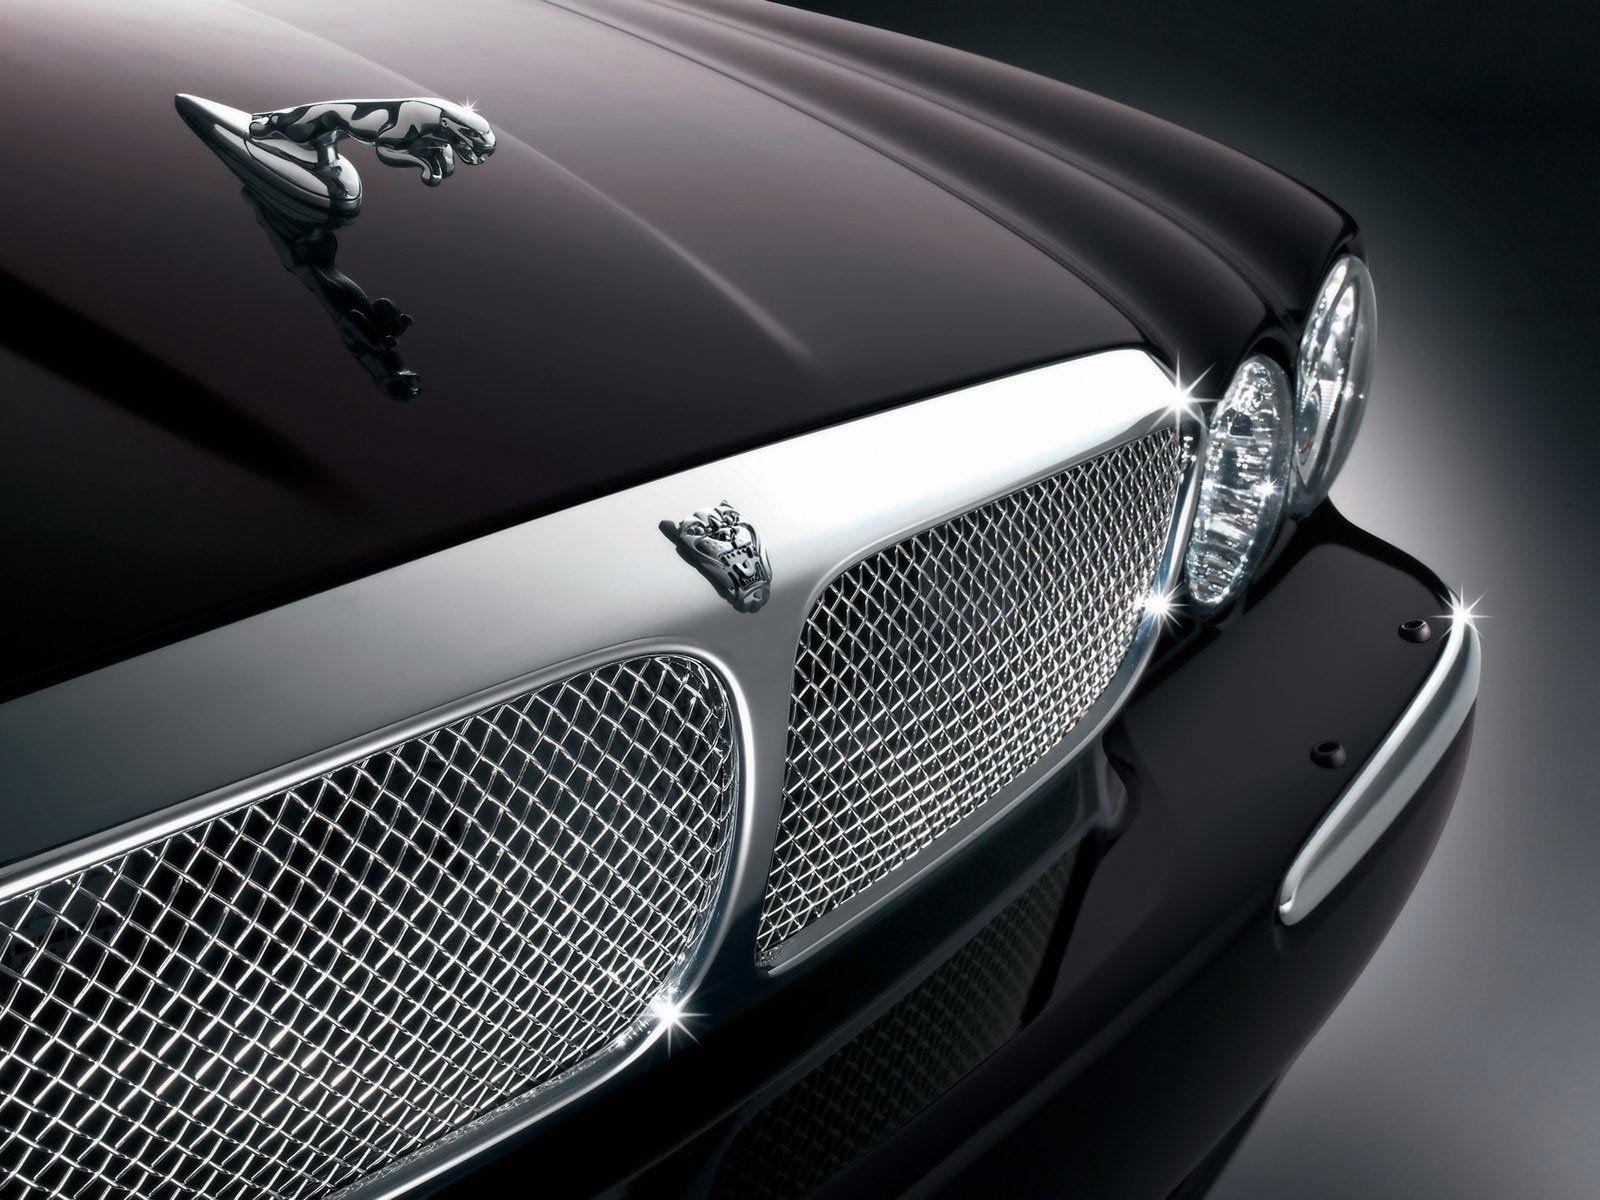 Jaguar Car Wallpapers Free For Desktop Wallpaper Jpg 1600 1200 Jaguar Car Jaguar Car Logo Jaguar Xj